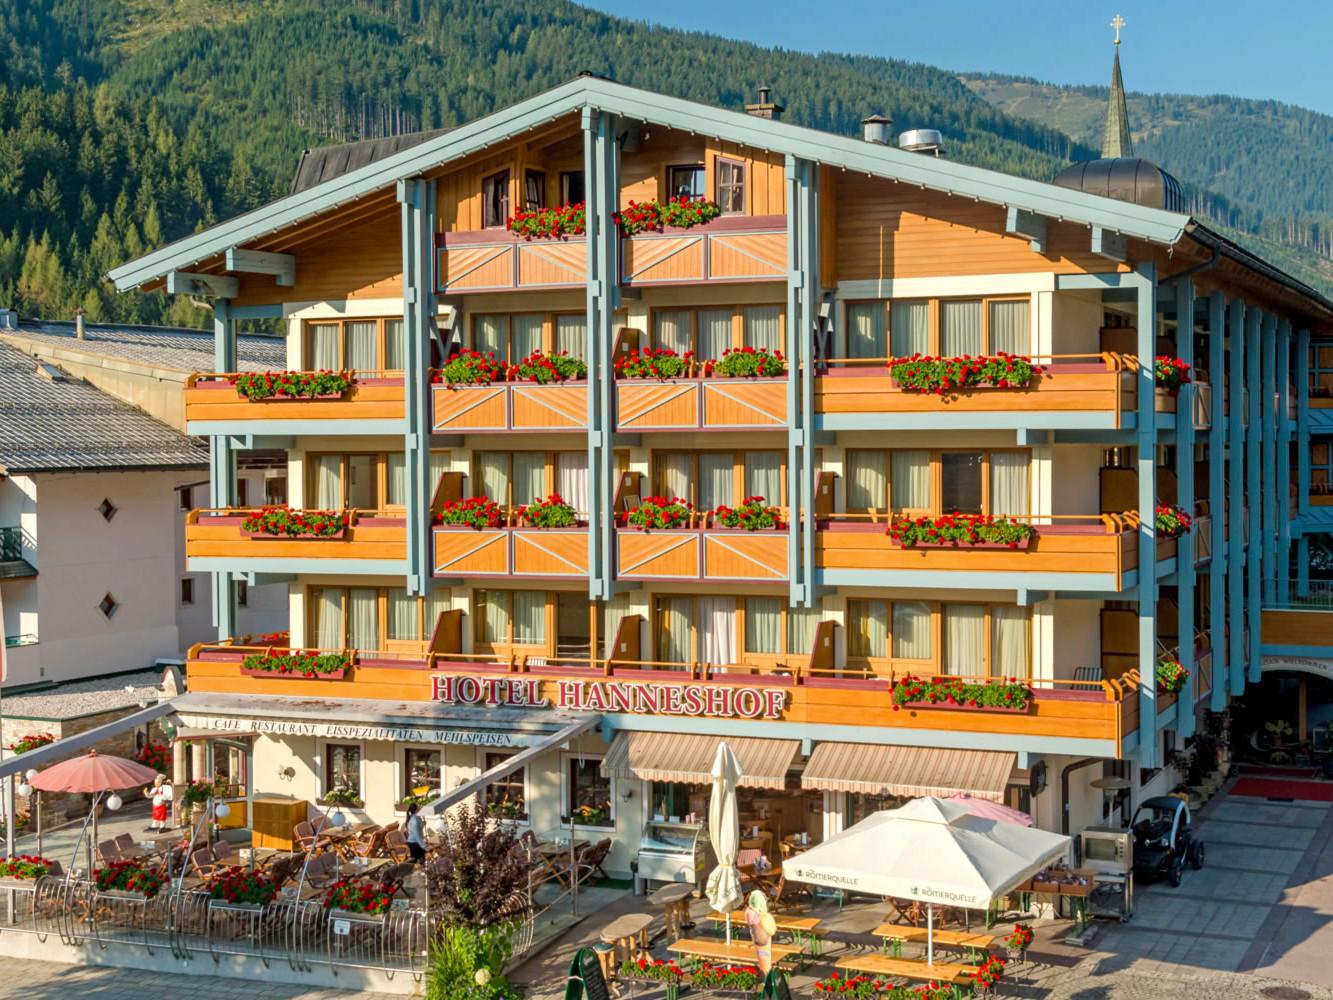 Hotel Hanneshof und Hotel Bischofsmütze